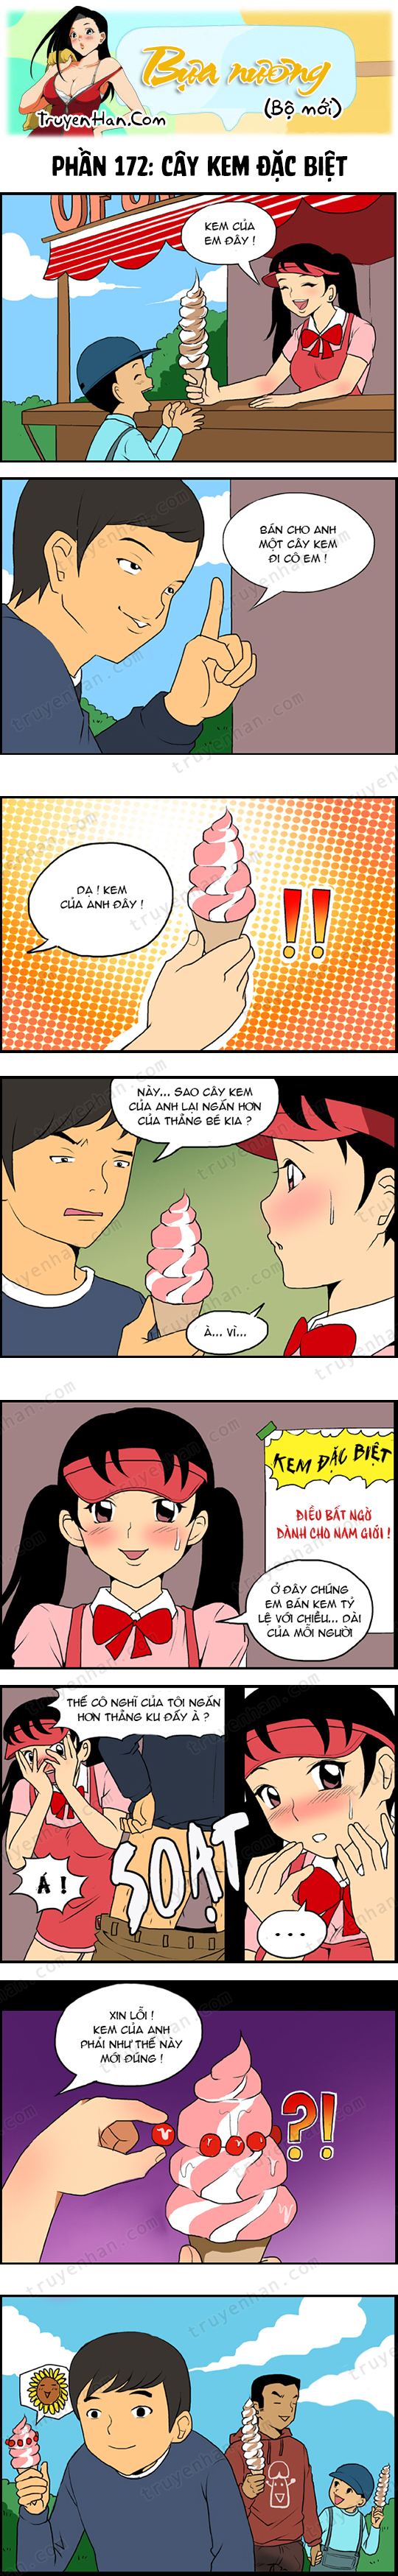 Bựa nương (bộ mới) phần 172: Cây kem đặc biệt